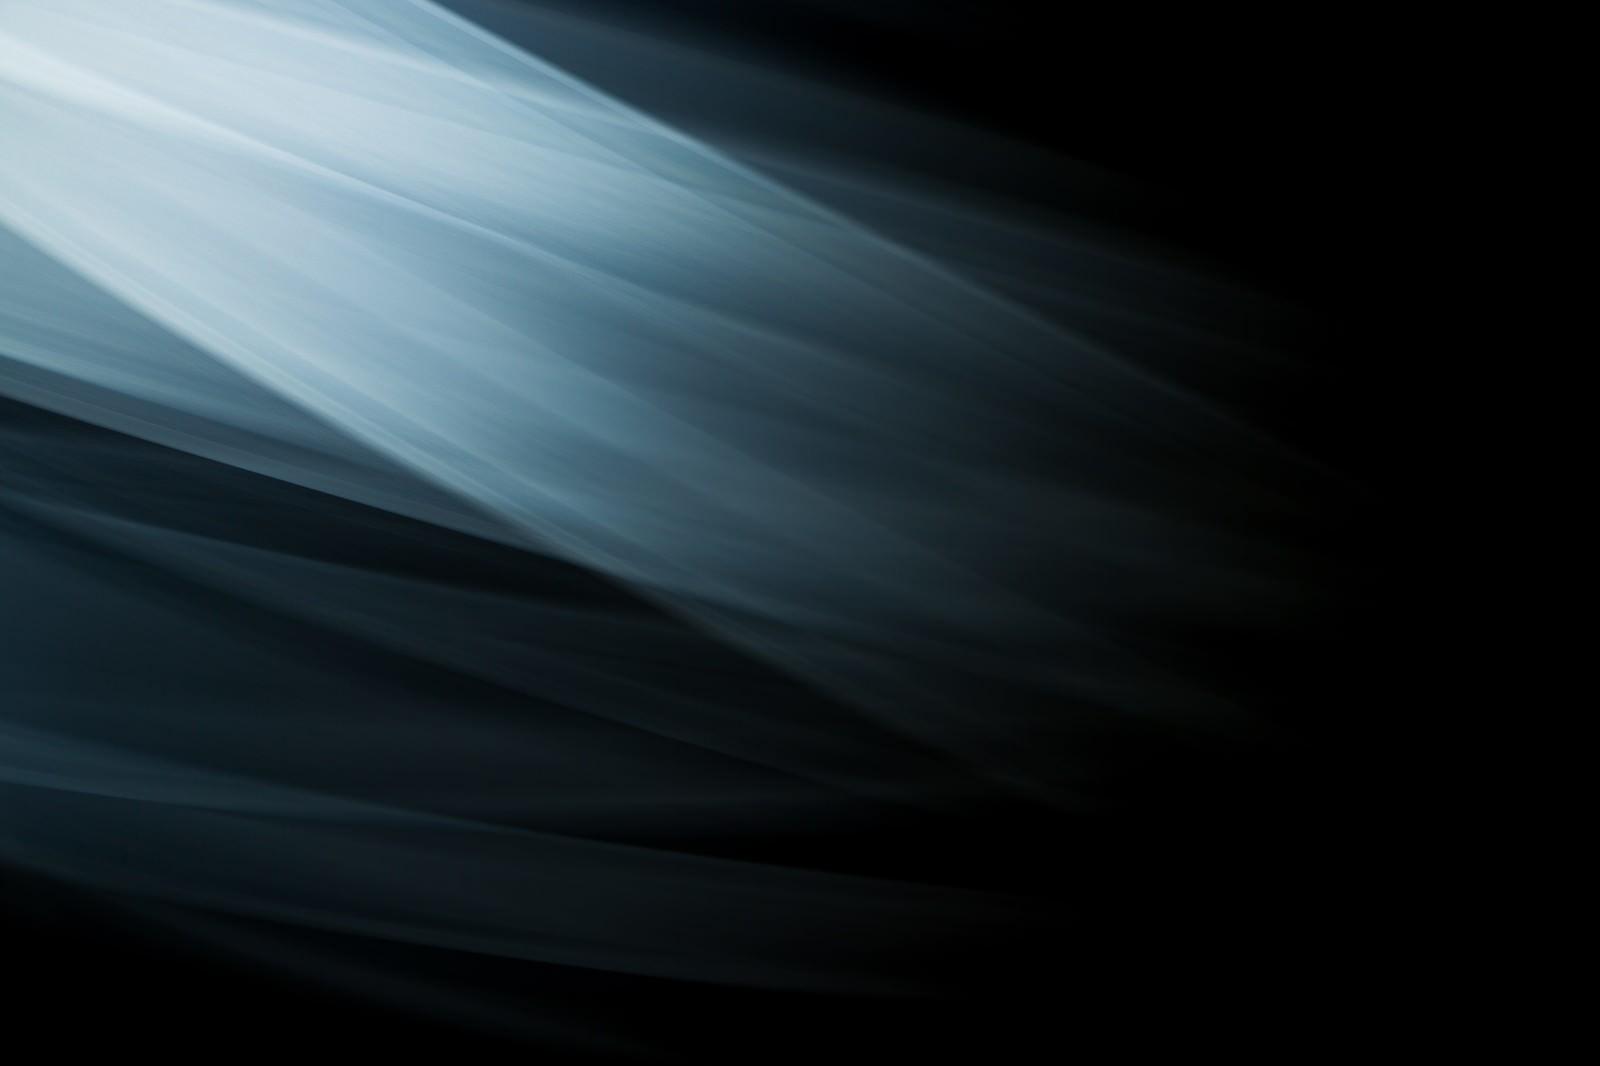 「流れる光の跡」の写真